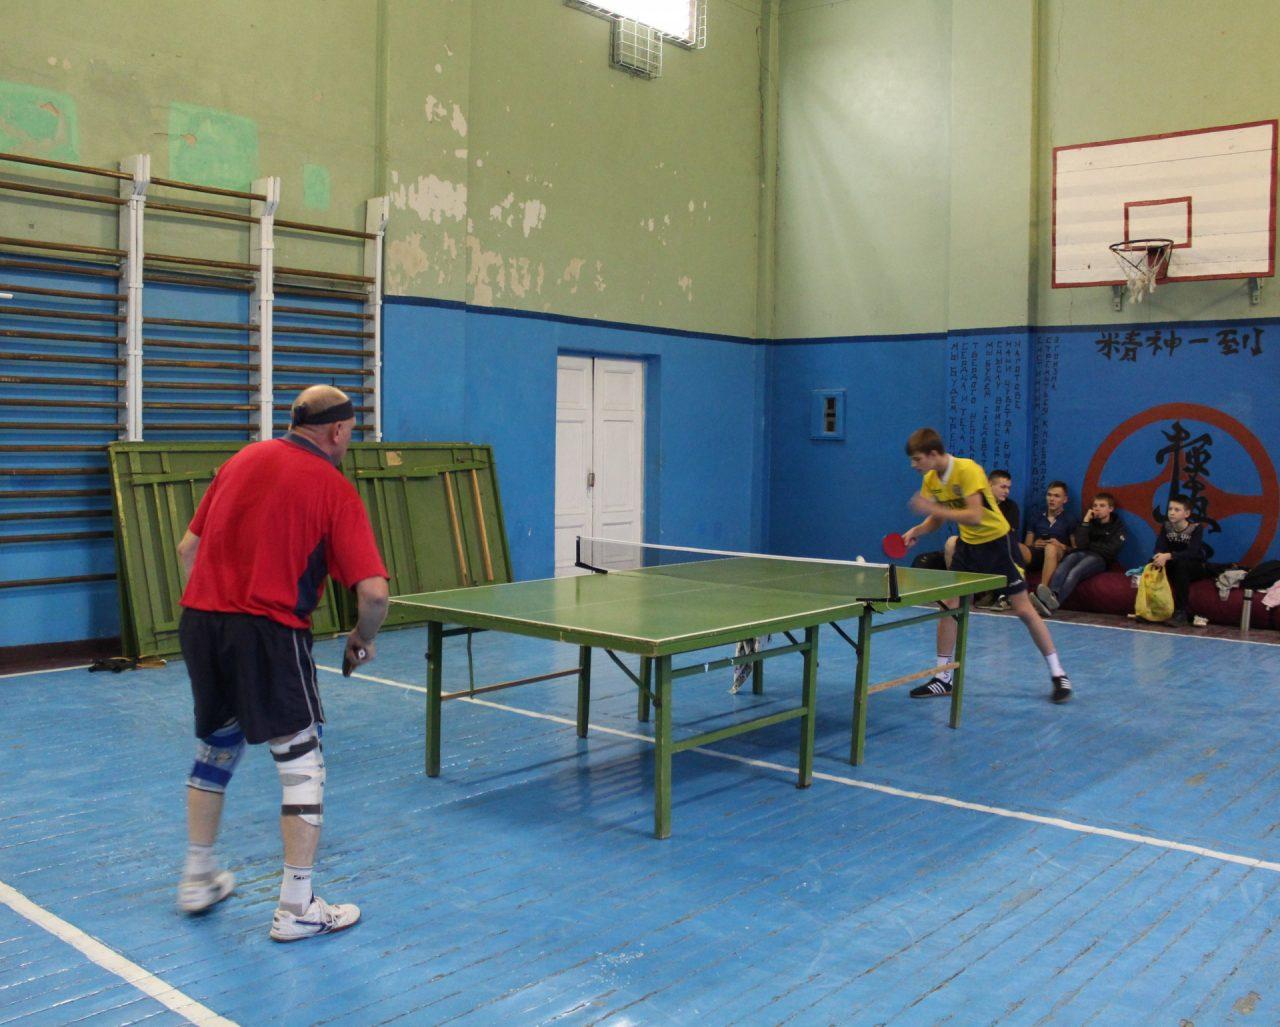 otkritij-turnir-po-nastolnomu-tennisu-7